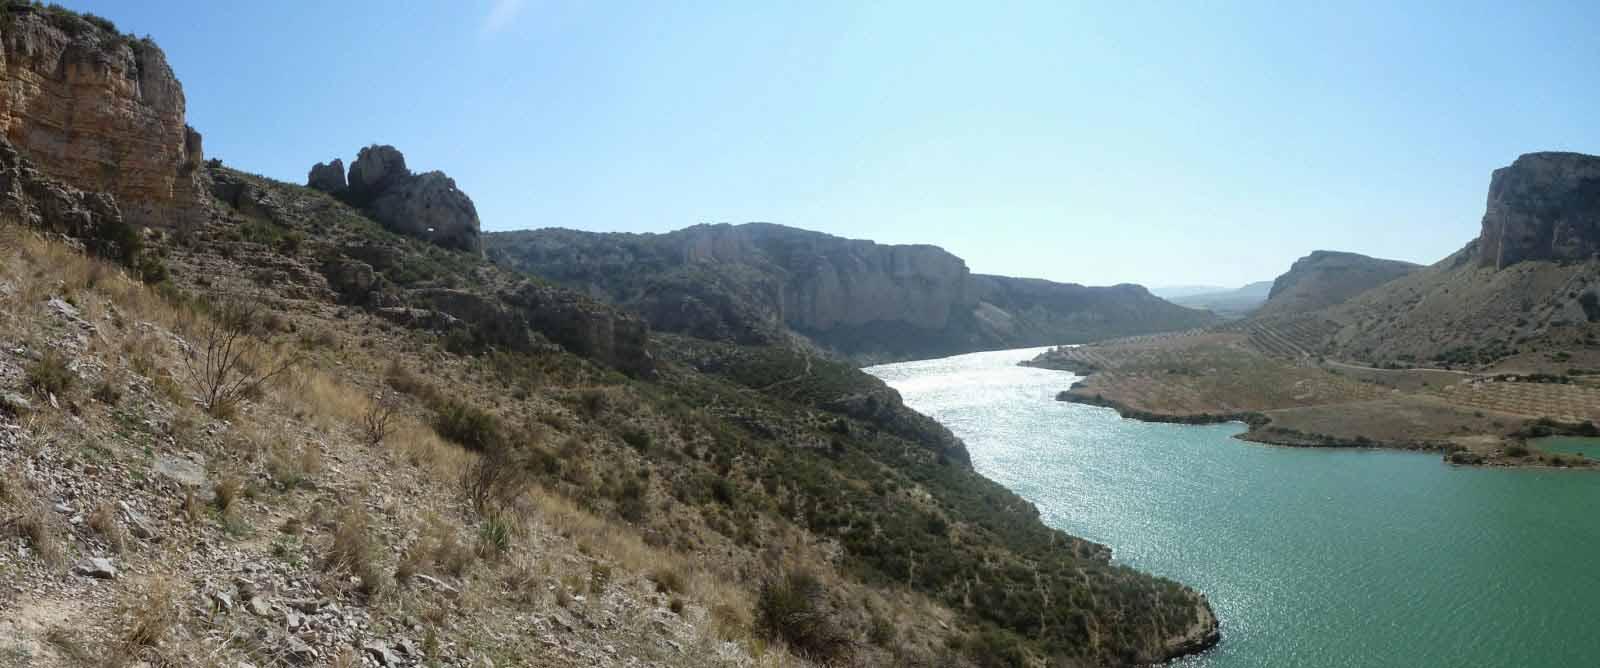 Estrecho-del-Hocino